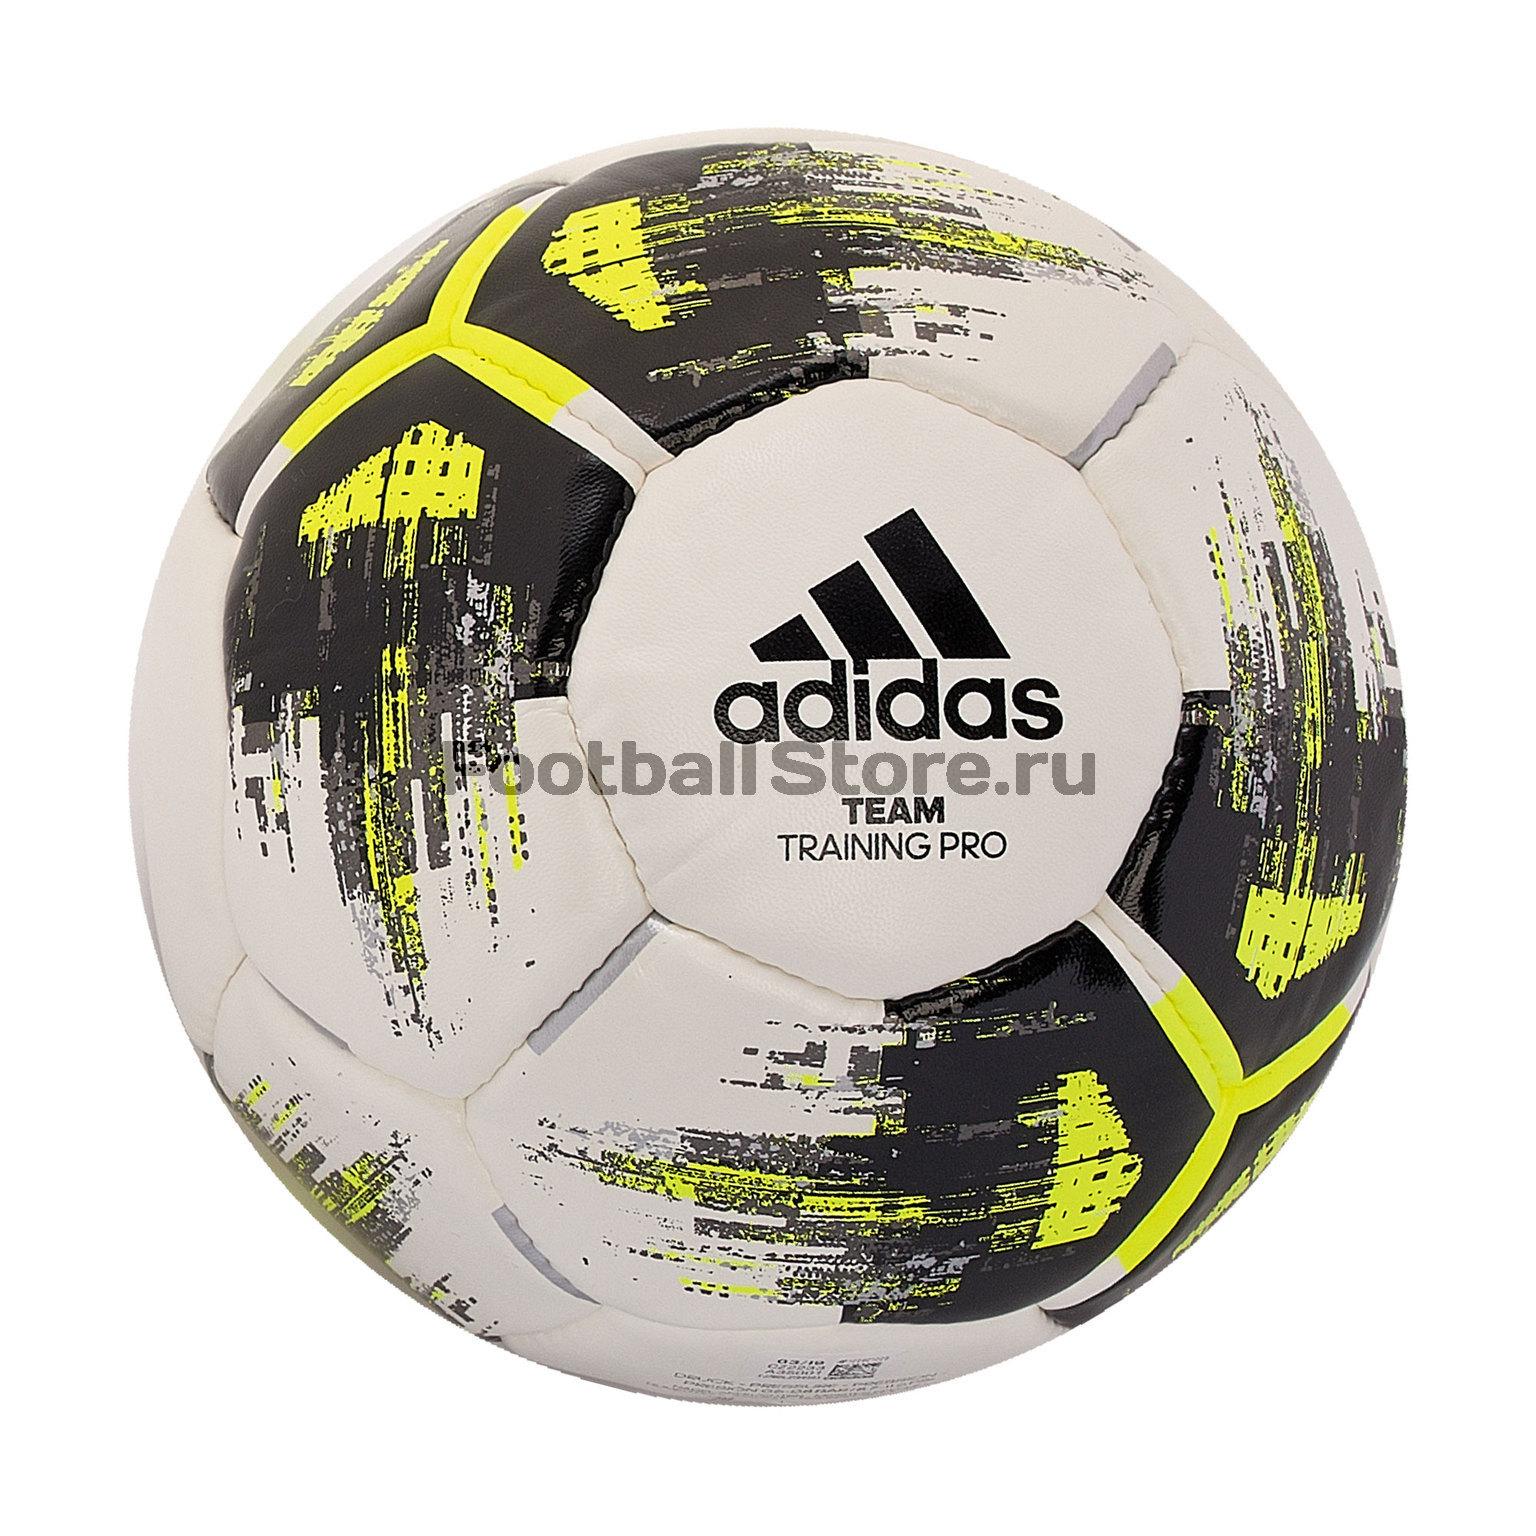 Футбольный мяч Adidas Team Training CZ2233 цена